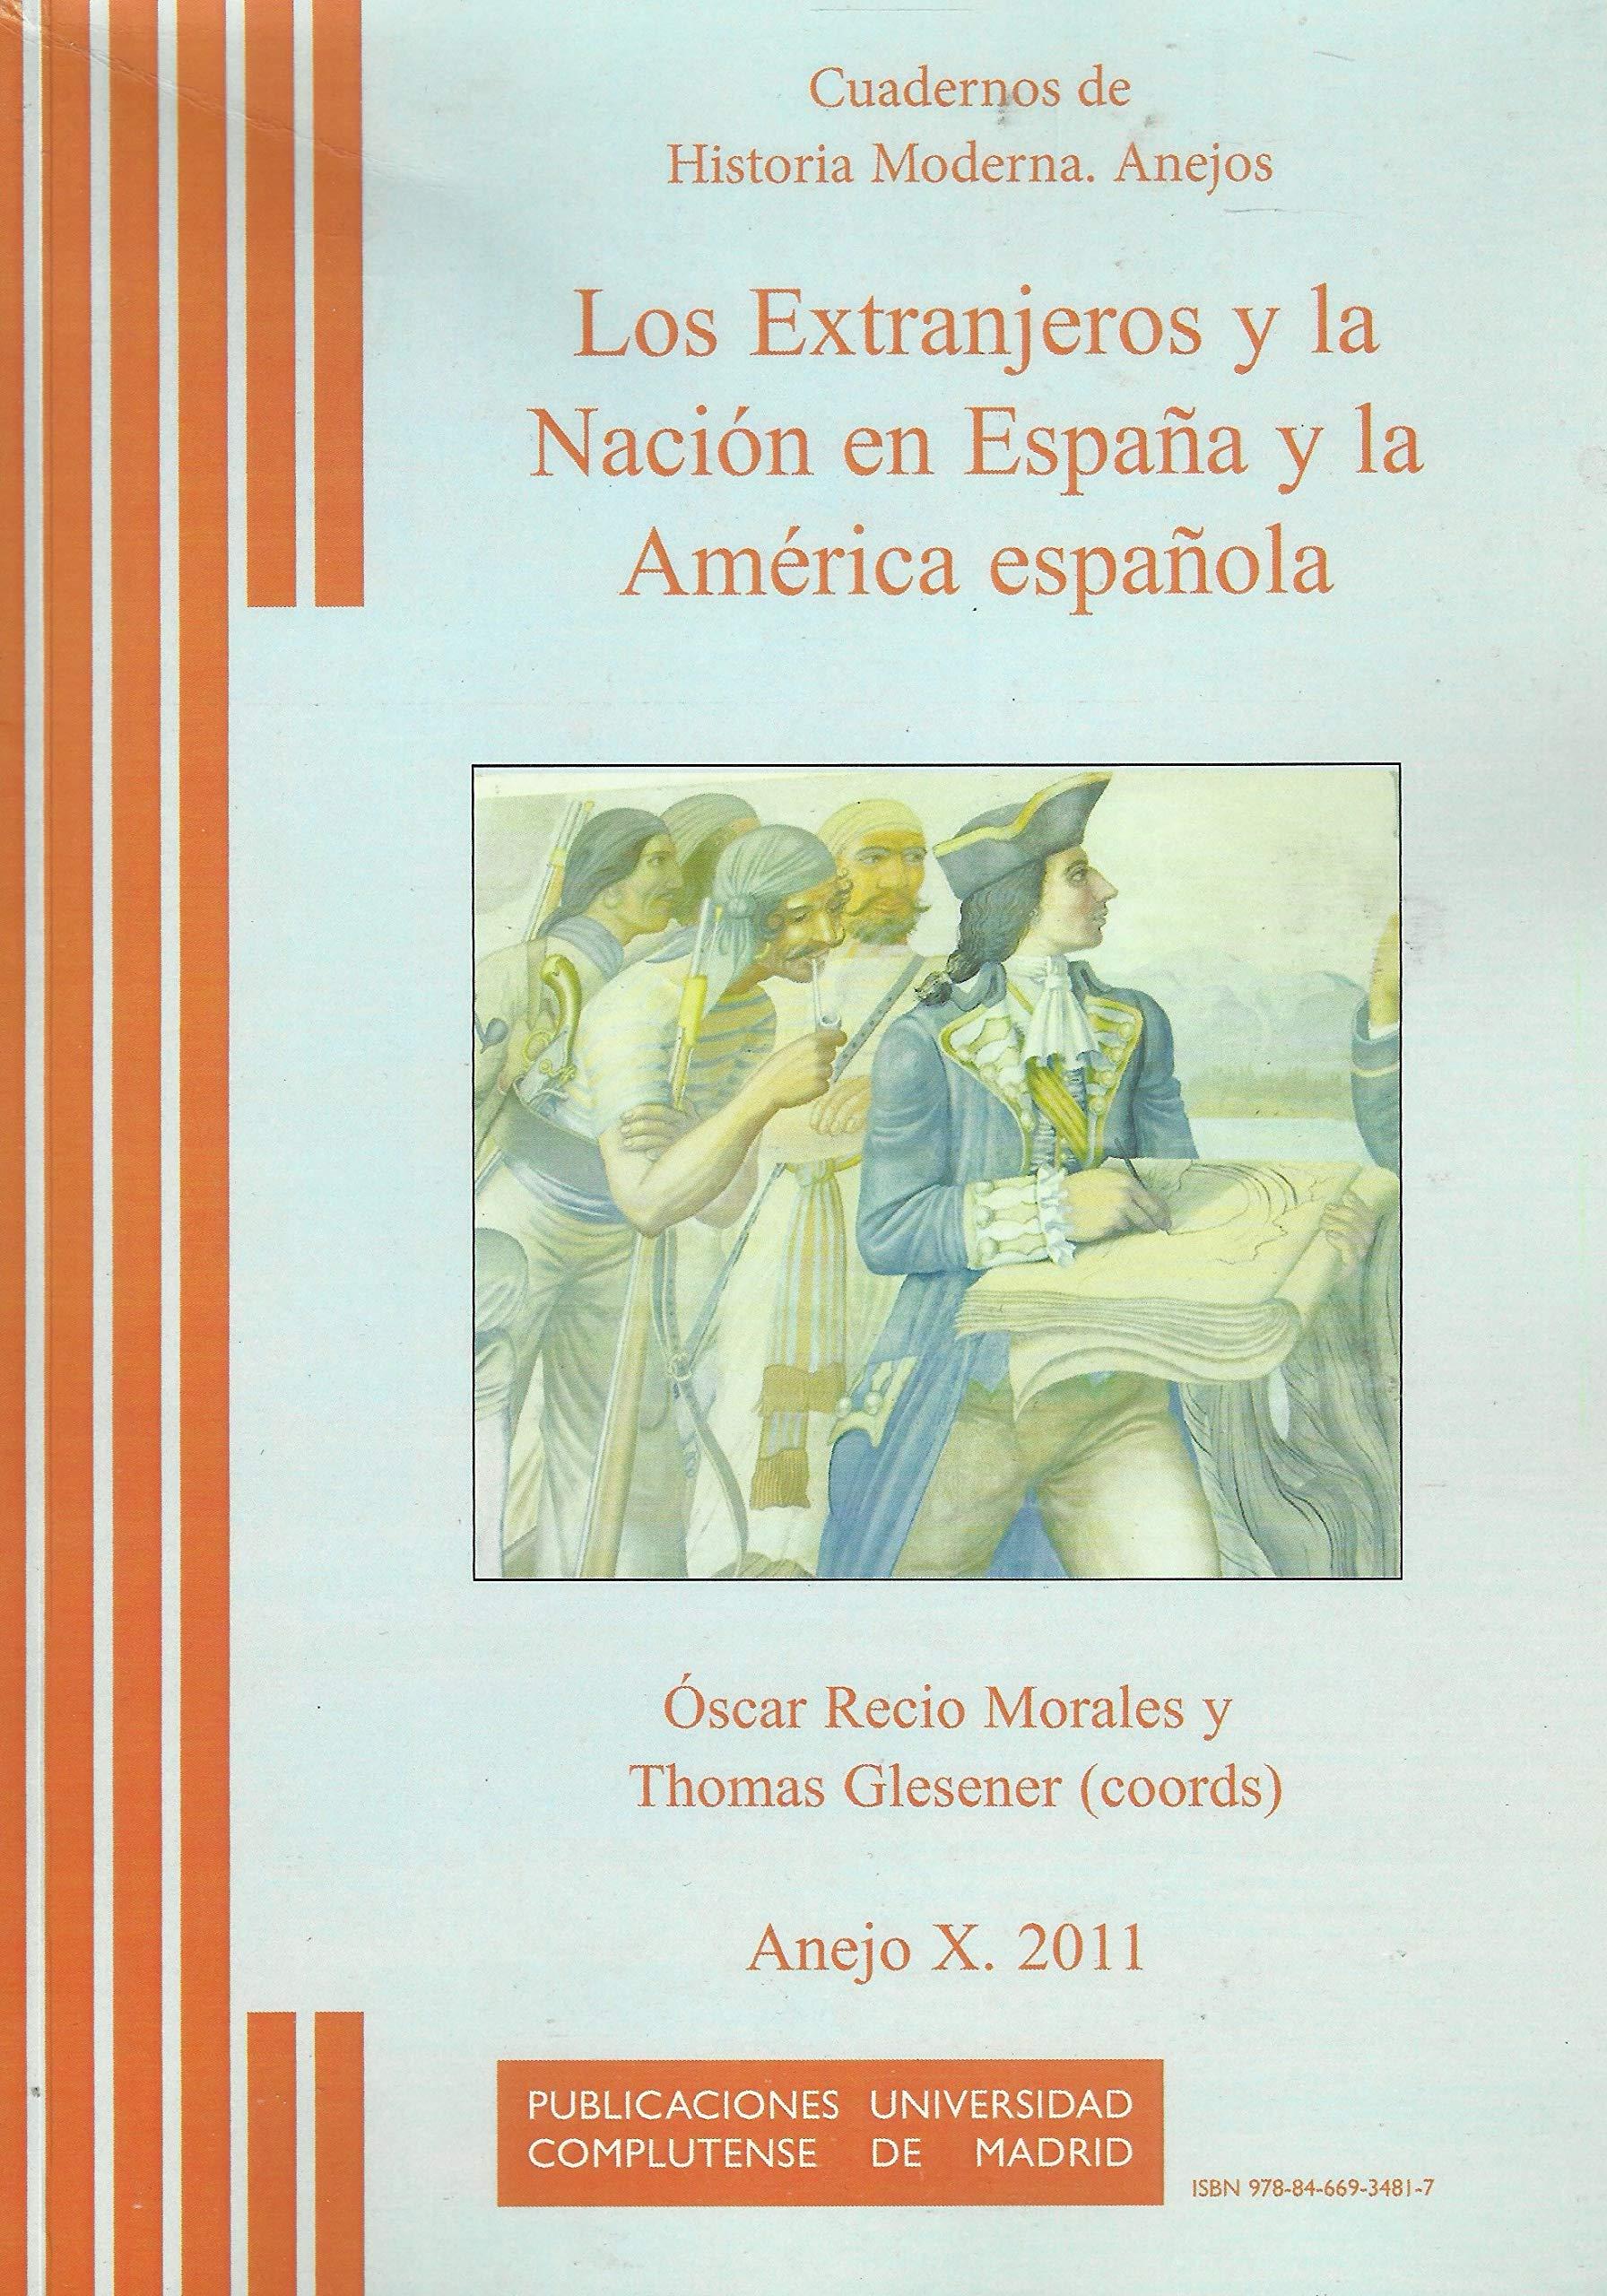 Los Extranjeros y la Nación en España y la América española: Amazon.es: Recio Morales, Óscar, Glesener, Thomas: Libros